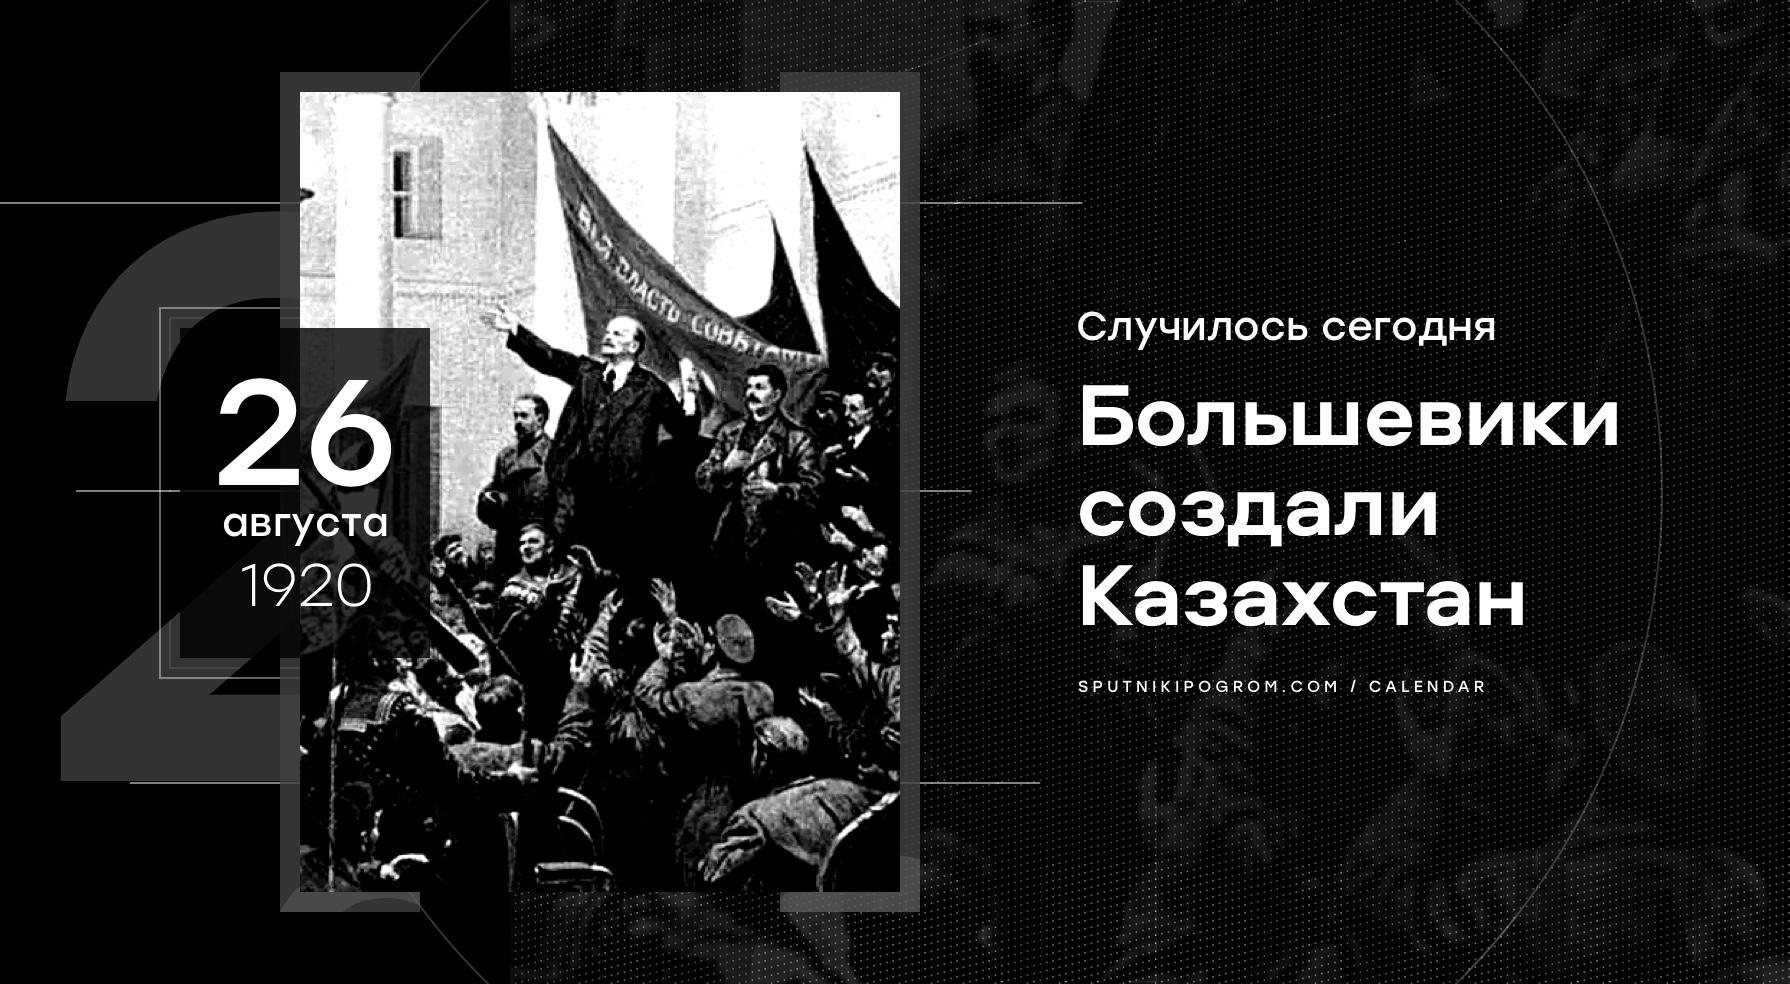 26 августа 1920года образование Киргизской АССР